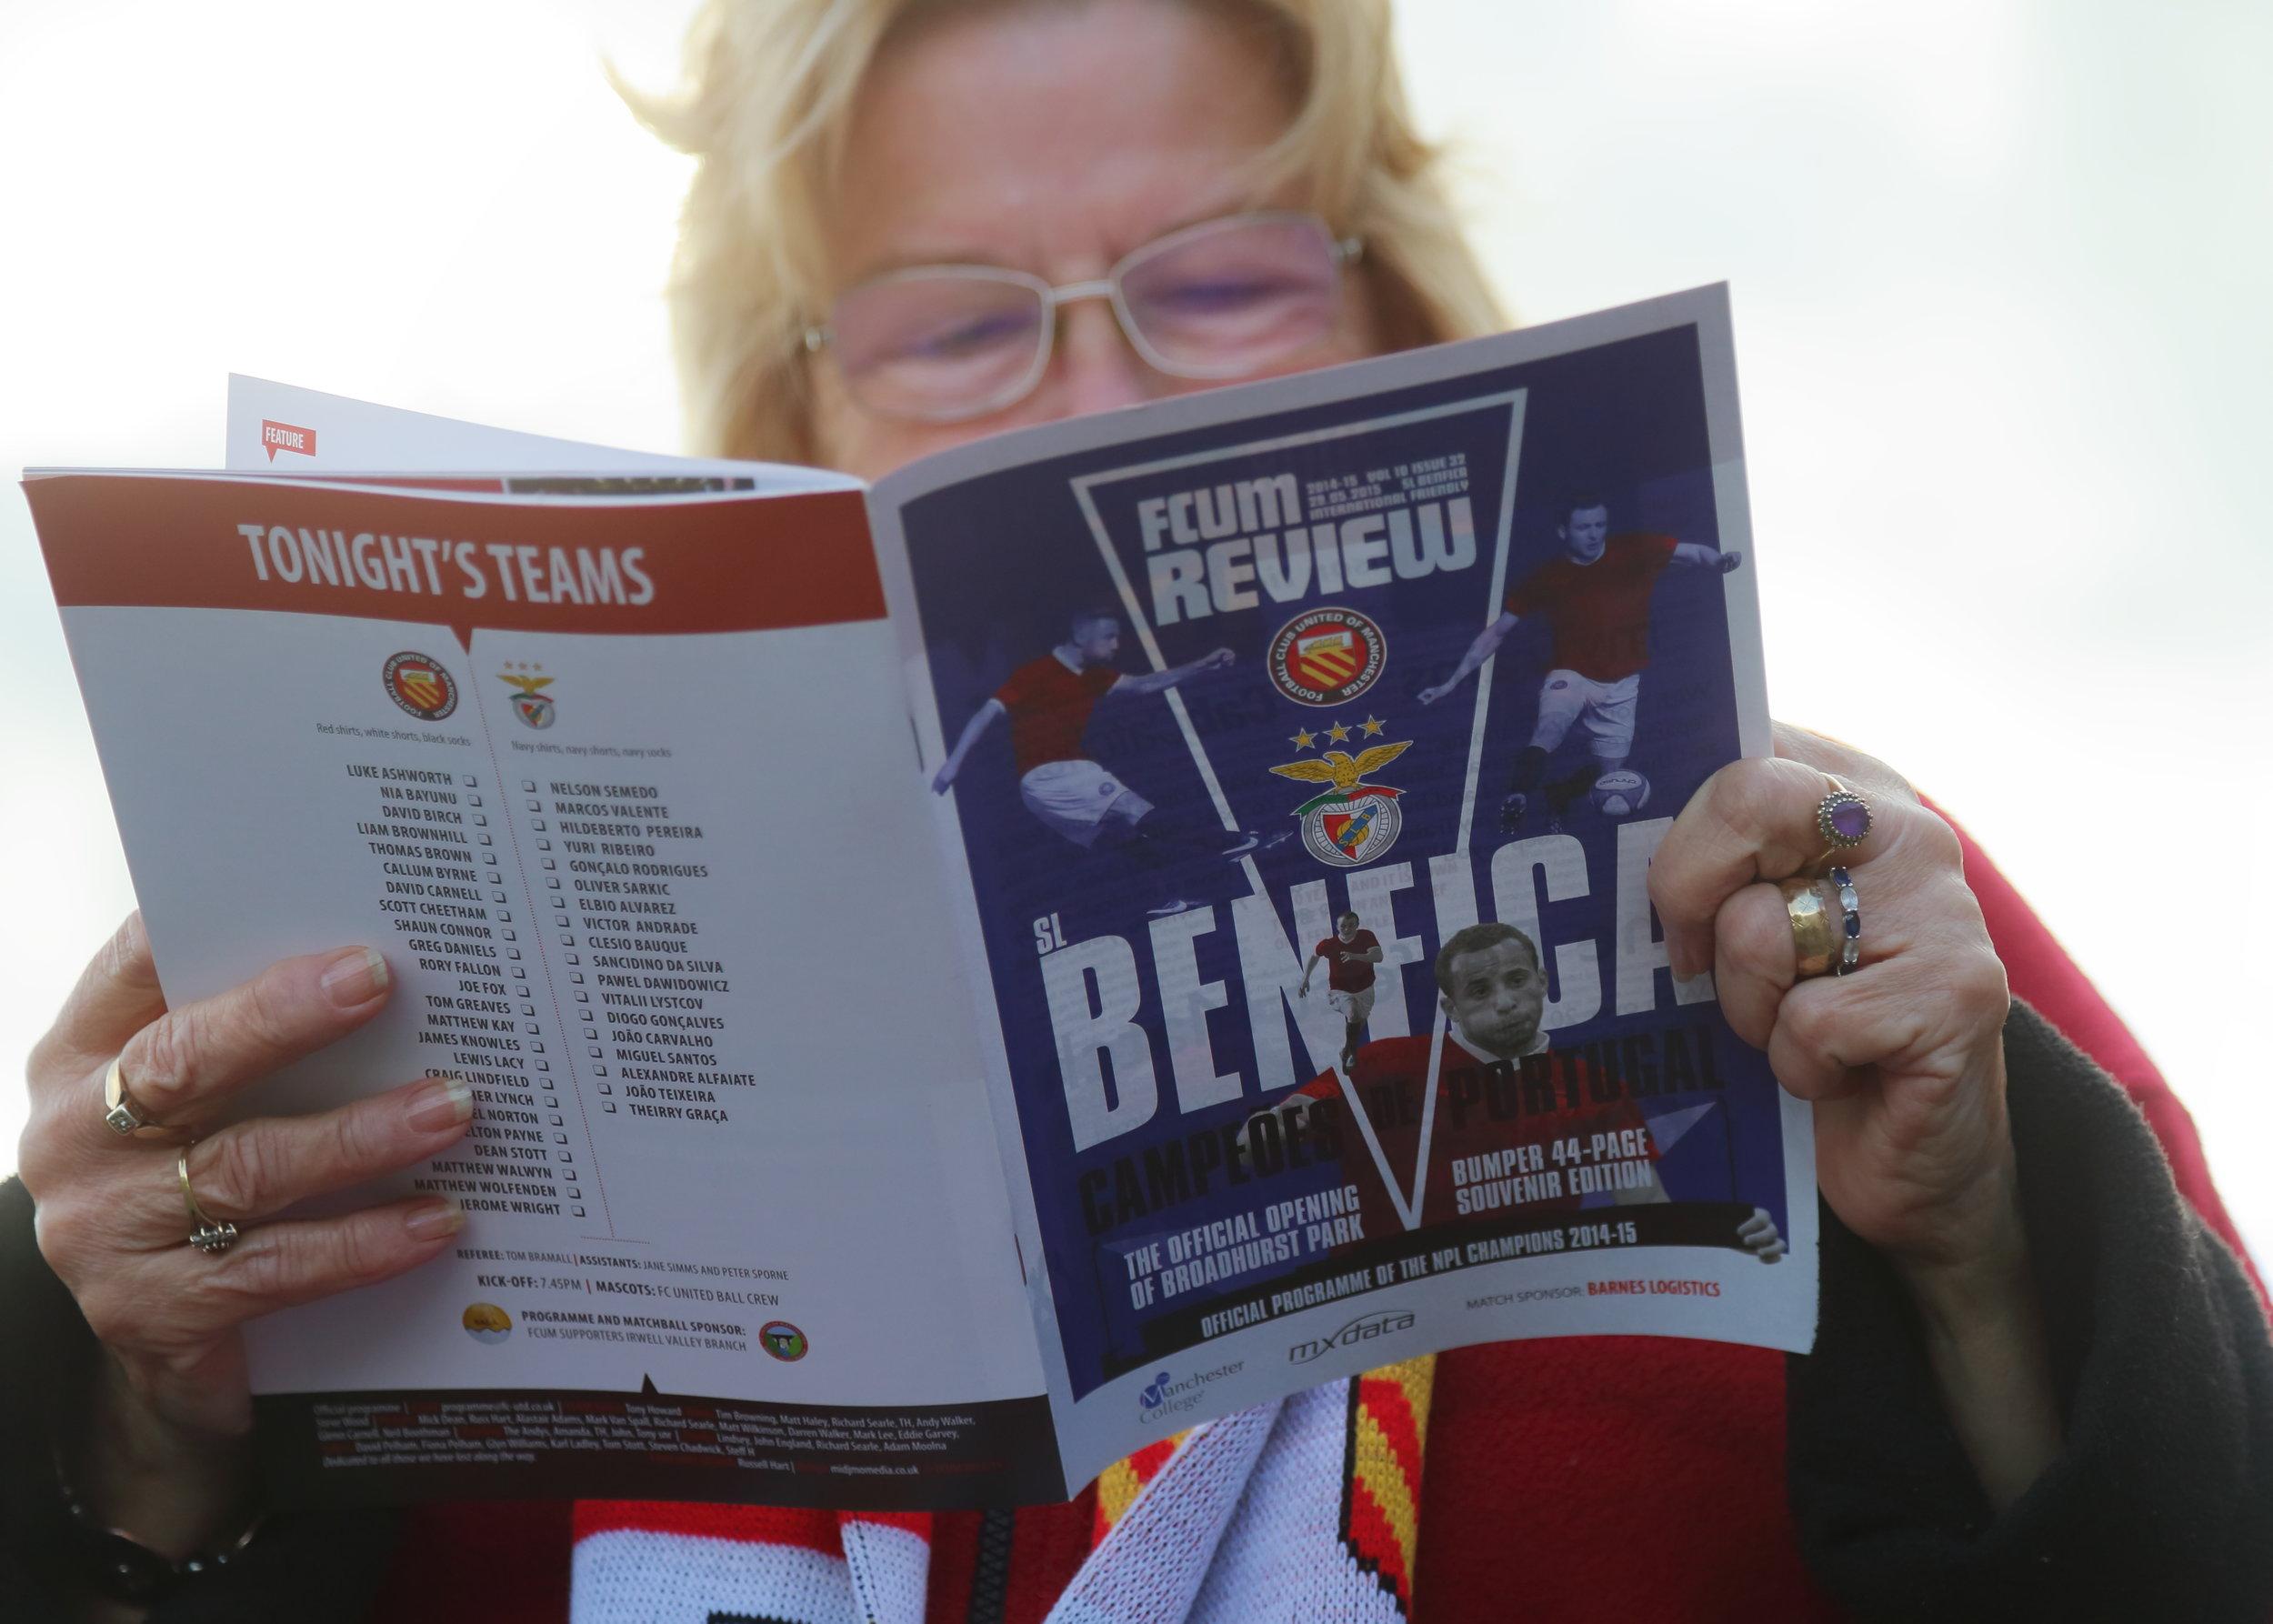 Det famøse kampprogram, der var ved at få FC United of Manchester til at bryde sammen.   Foto: Getty Images